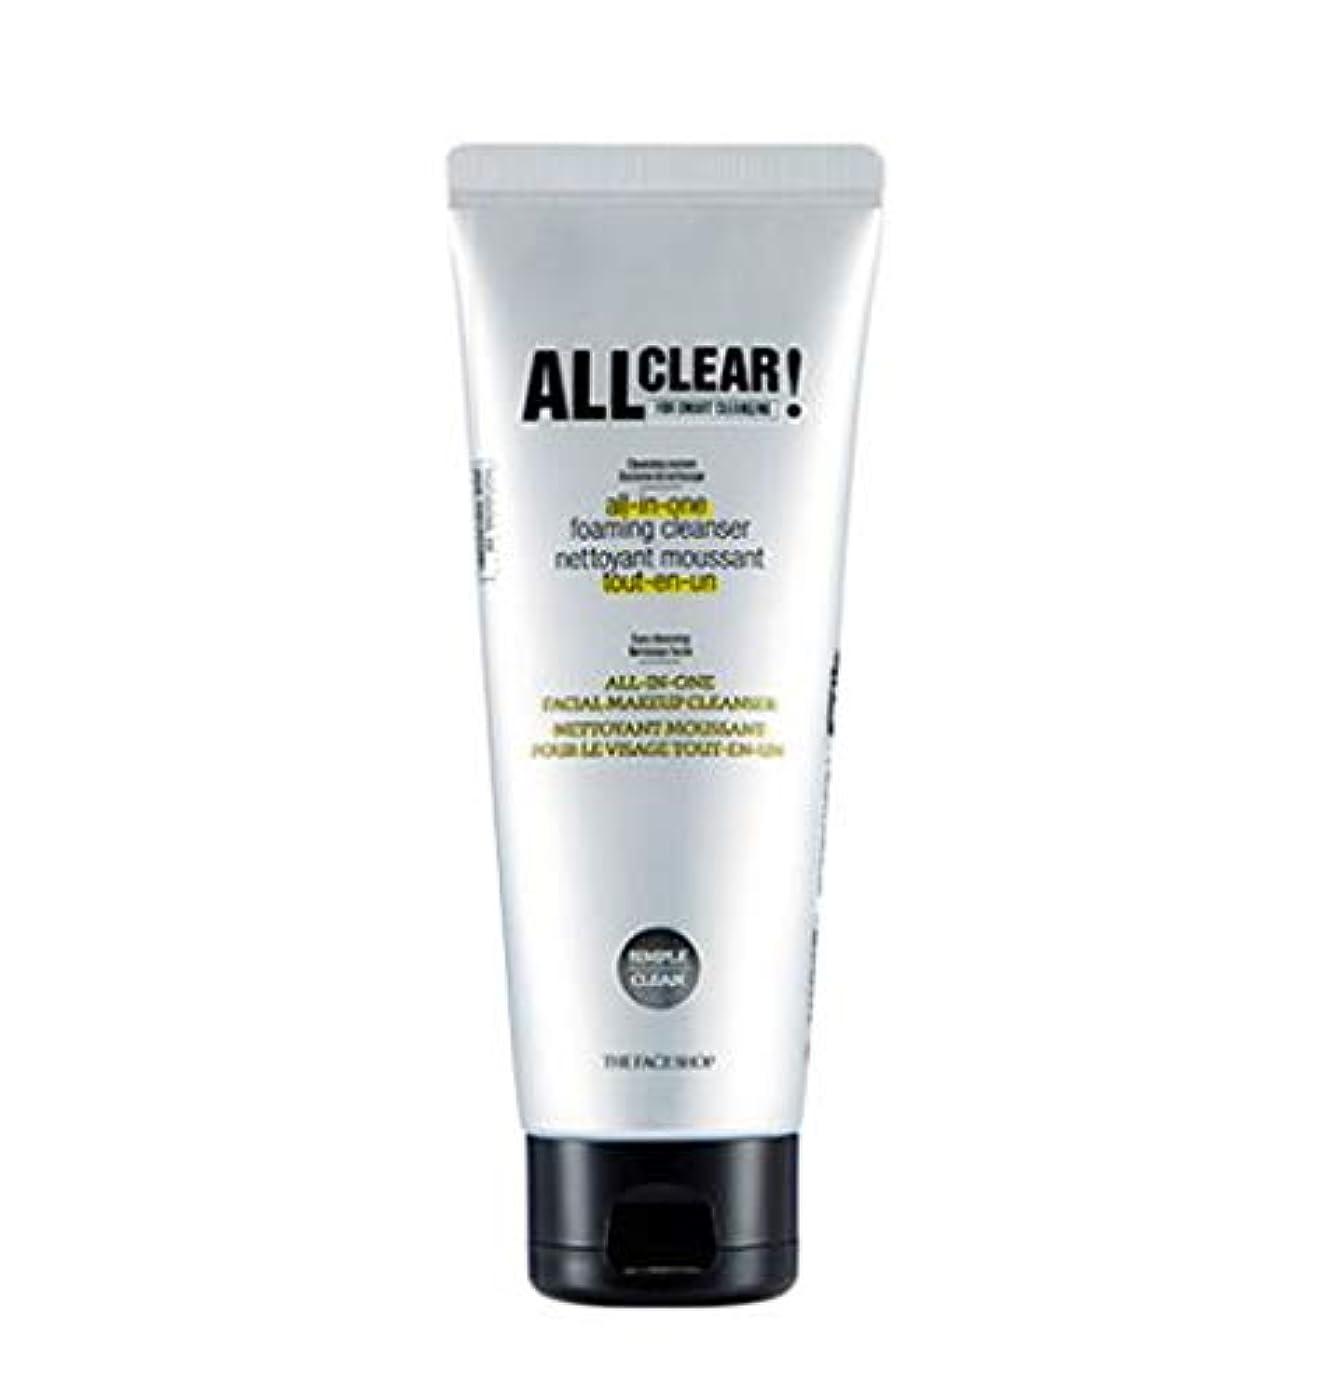 エージェント前全能[ザ?フェイスショップ] THE FACE SHOP [オール クリア オールインワン クレンジング フォーム150ml / 洗顔料] All Clear All-in-one Cleansing Foam 150ml...